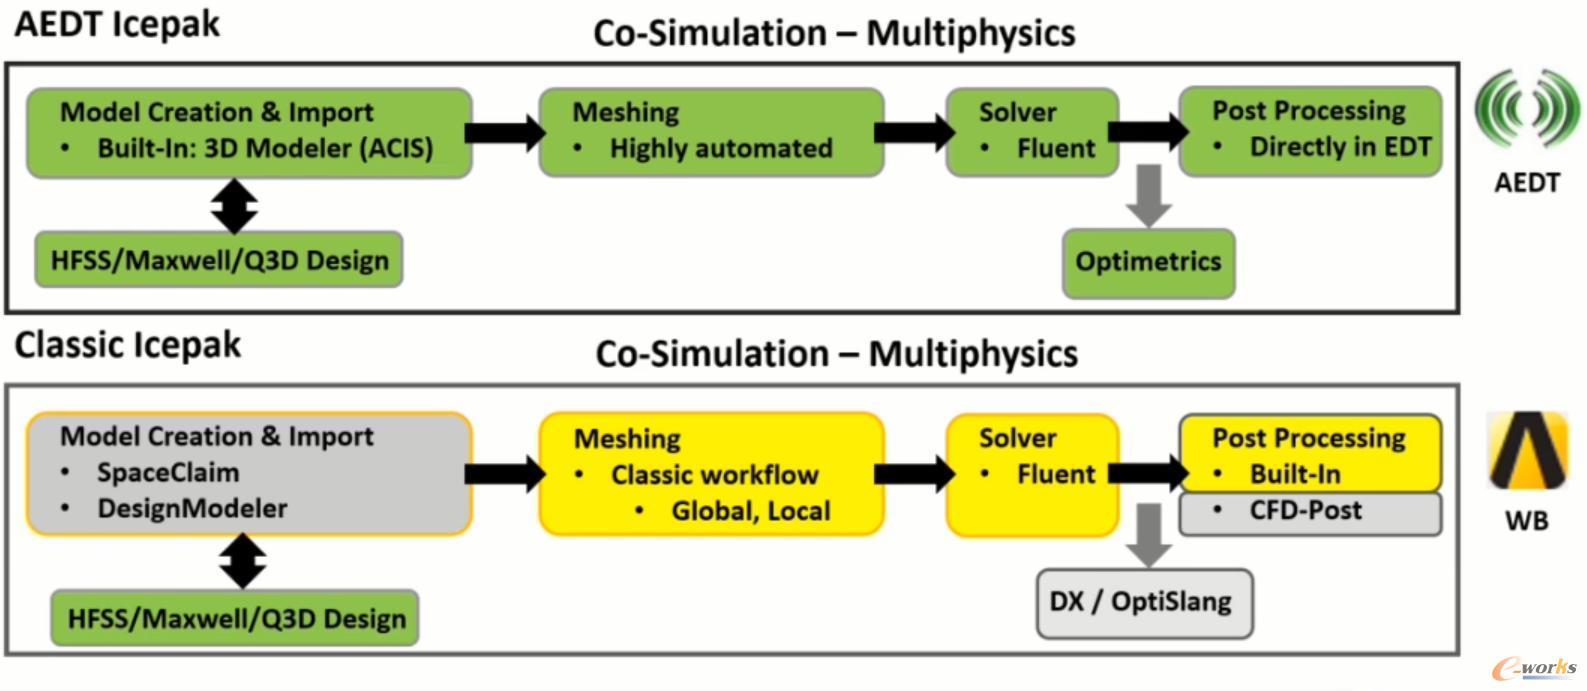 ATED-Icepak和经典Icepak仿真流程对比